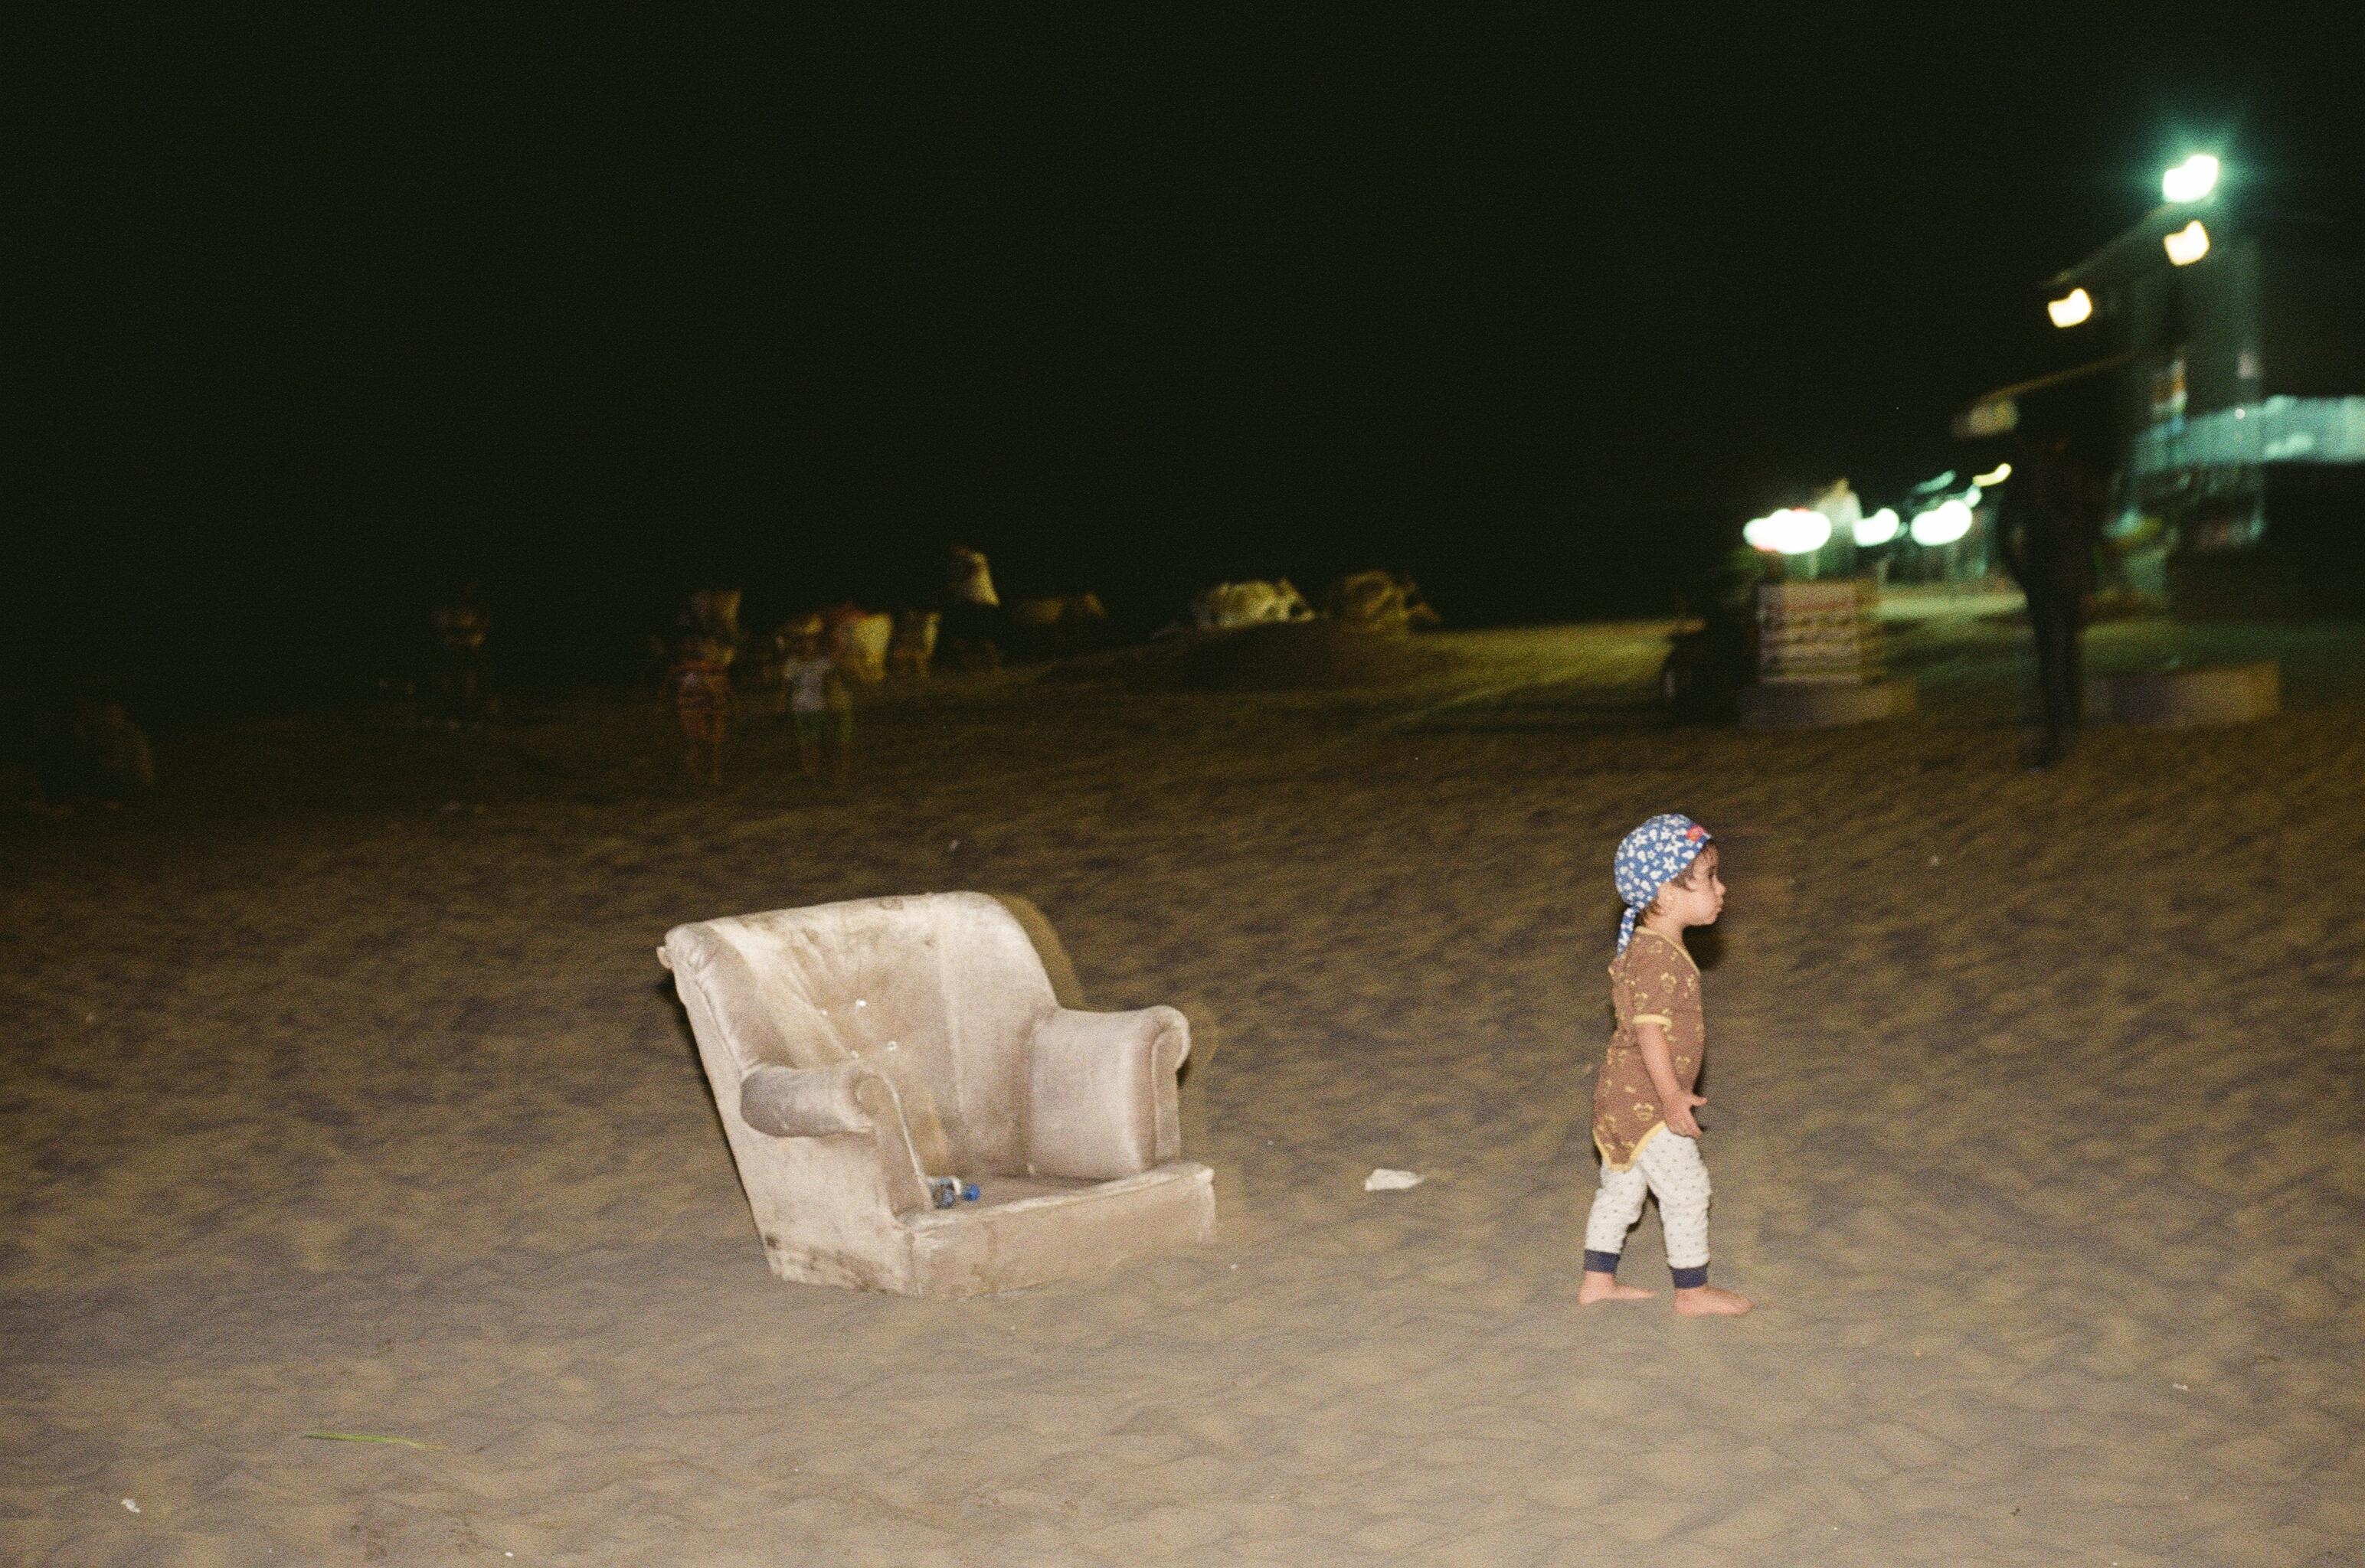 Sandbox_Rojin Sharafi2